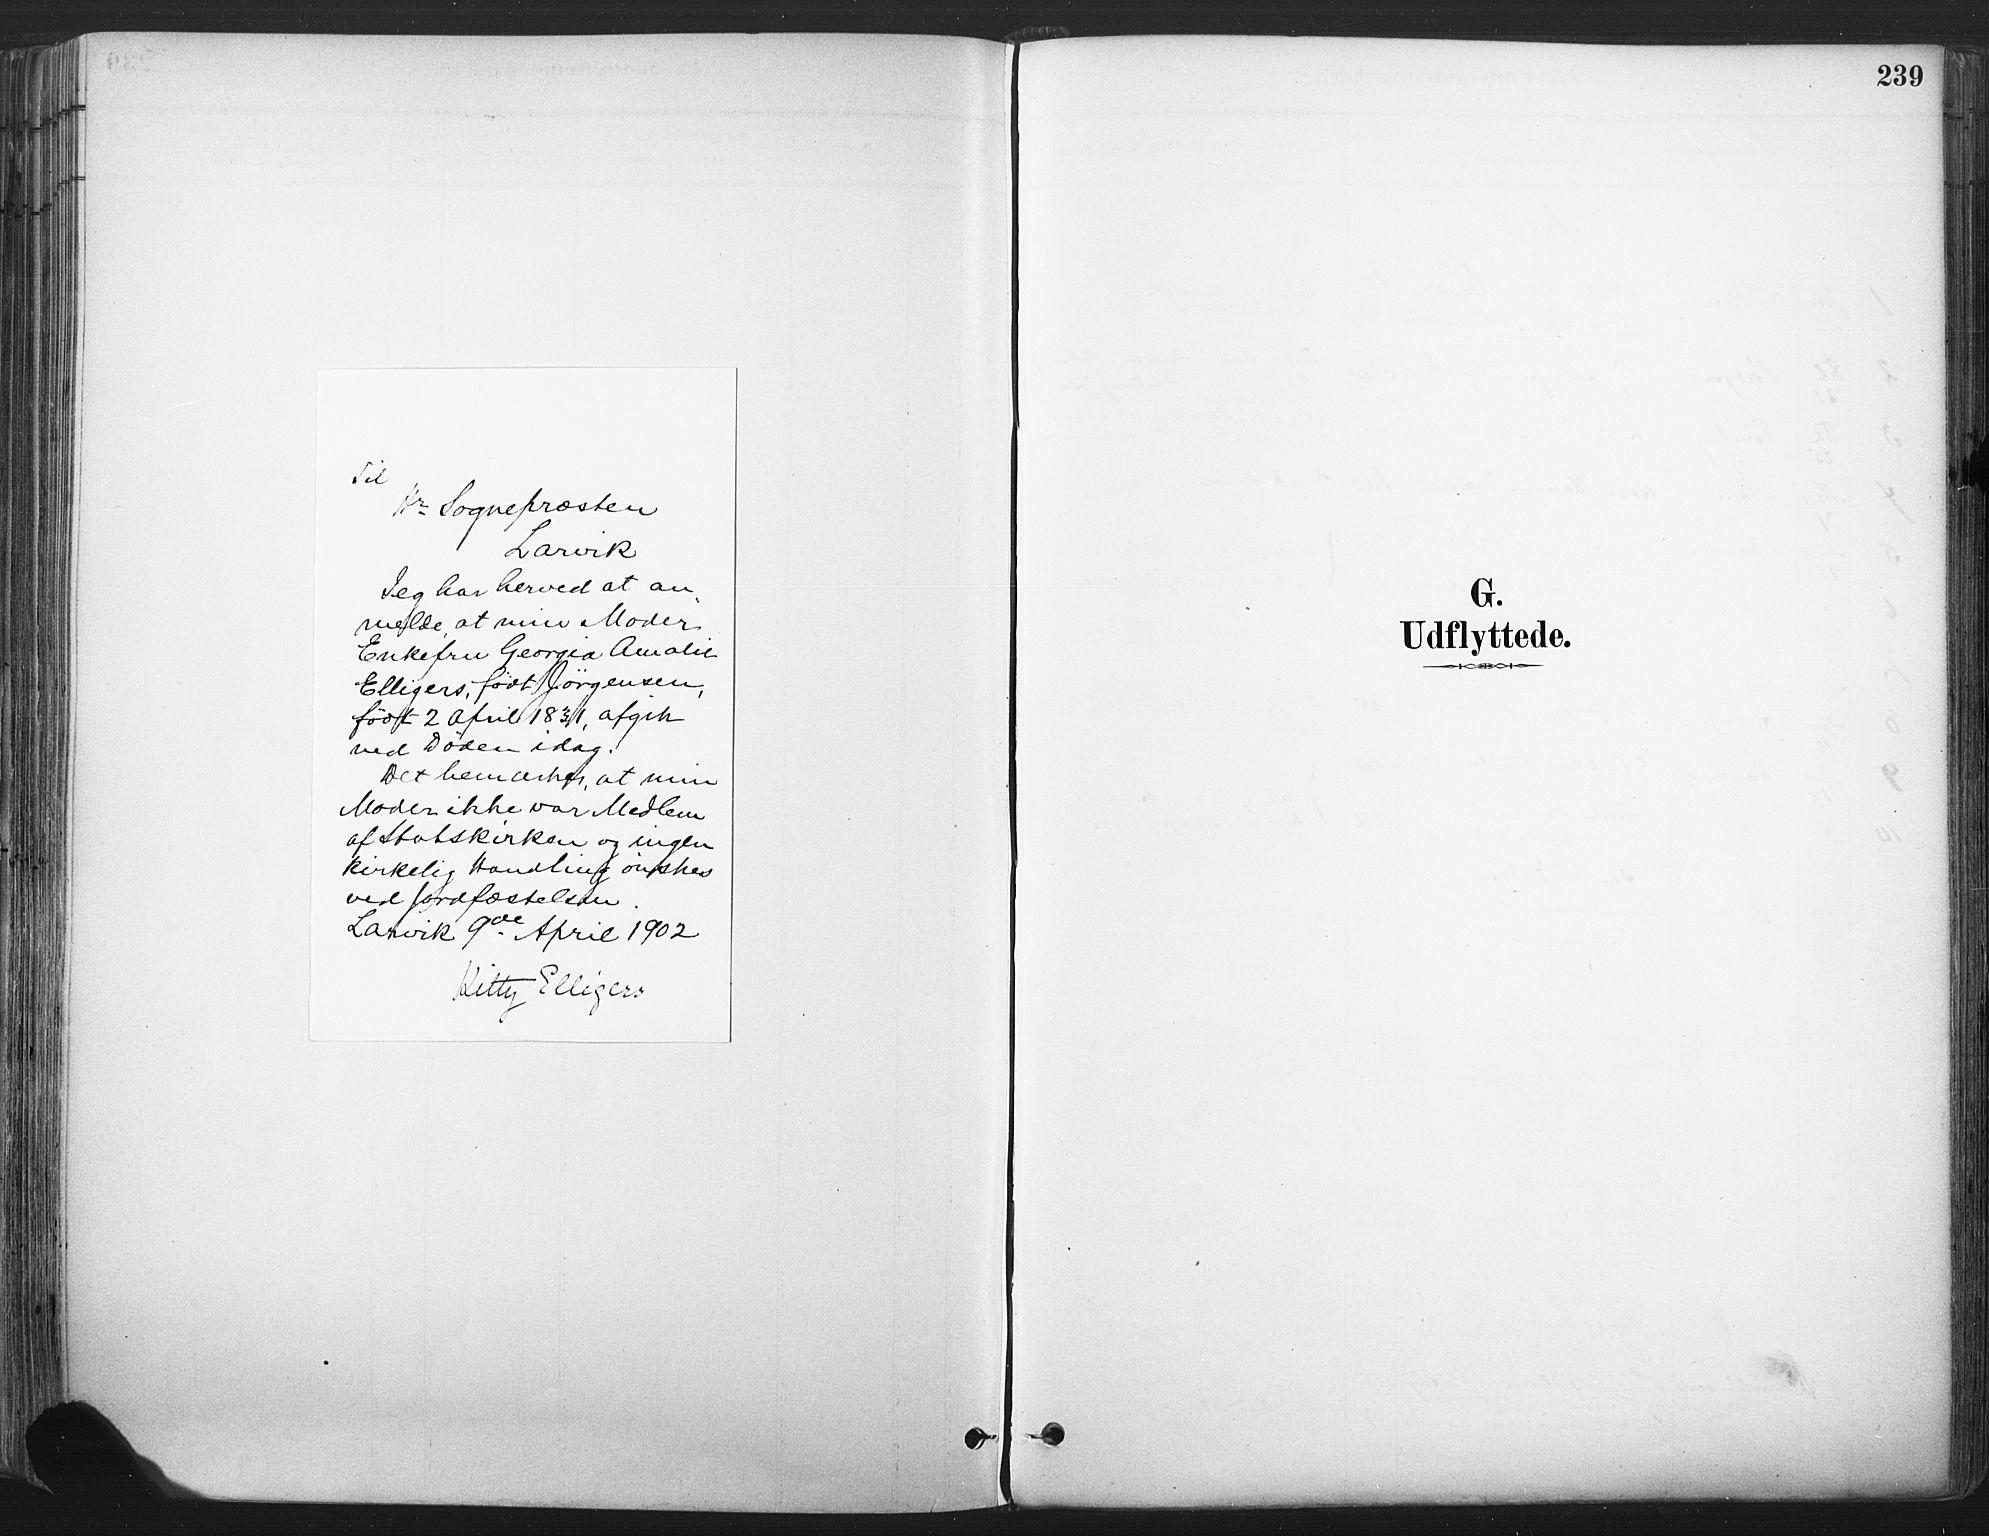 SAKO, Larvik kirkebøker, F/Fa/L0010: Parish register (official) no. I 10, 1884-1910, p. 239